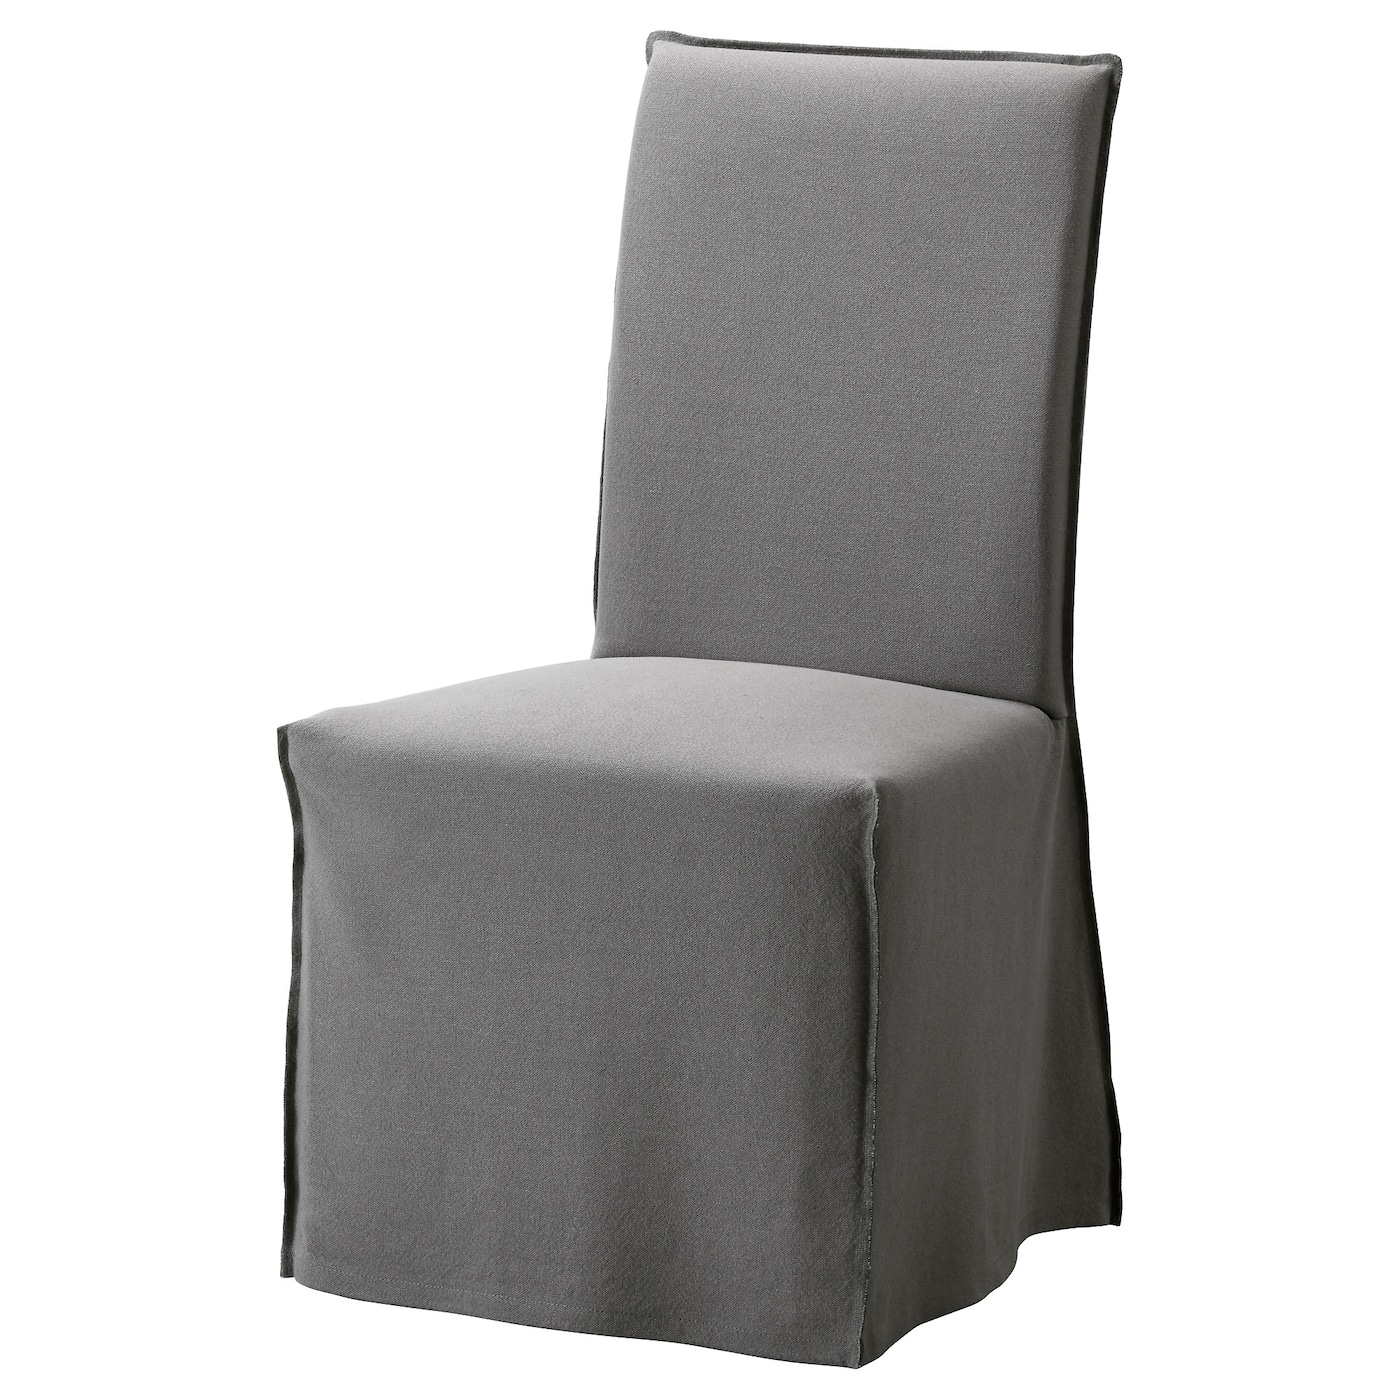 henriksdal housse pour chaise longue risane gris ikea. Black Bedroom Furniture Sets. Home Design Ideas